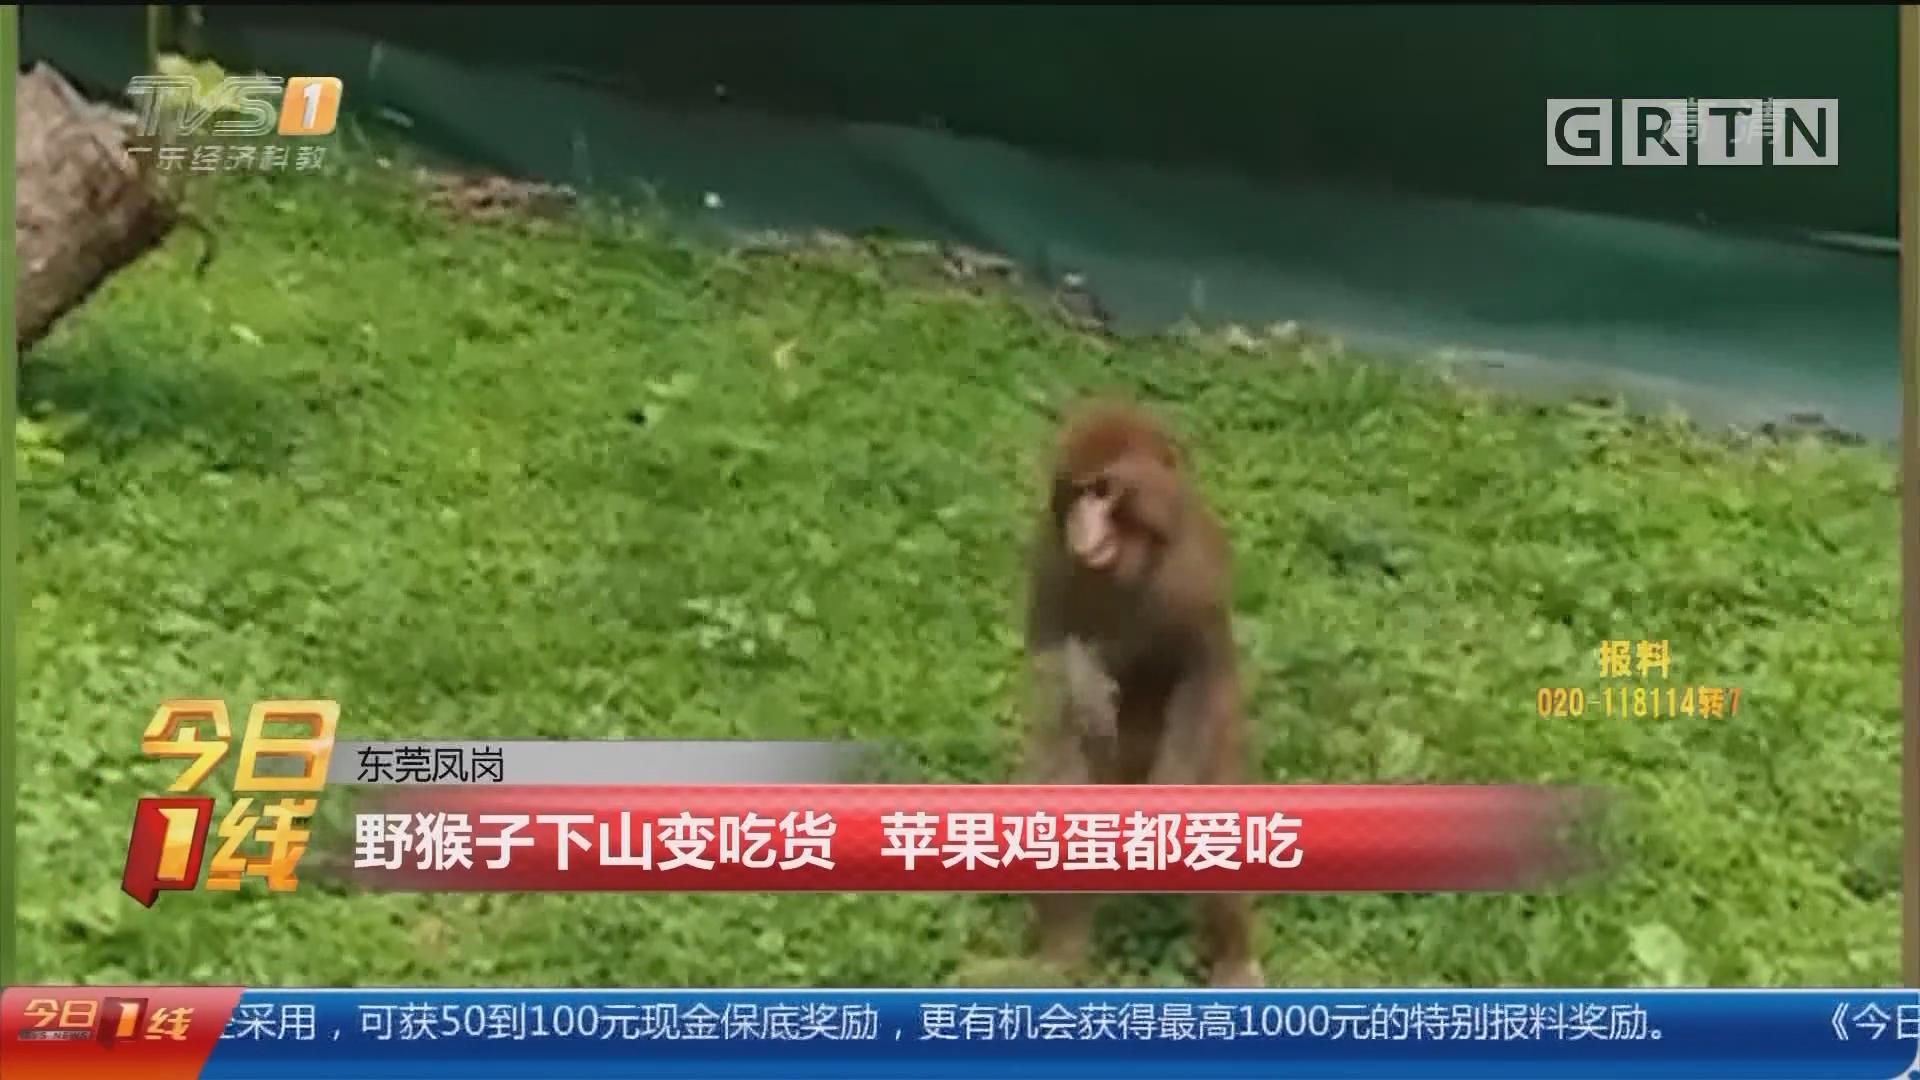 东莞凤岗:野猴子下山变吃货 苹果鸡蛋都爱吃